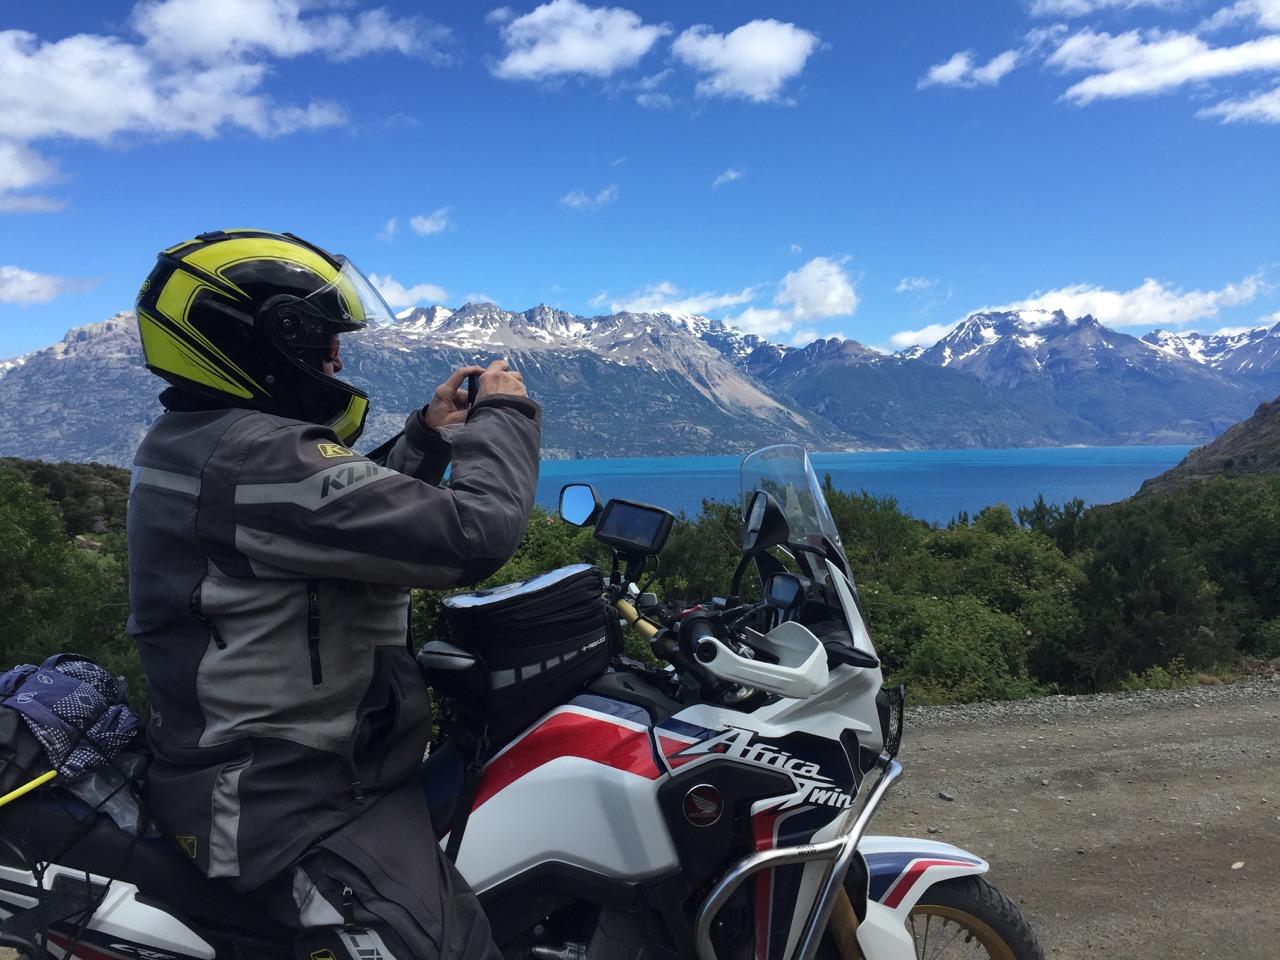 West Coast USA Oregon-Based Motorcycle Rentals